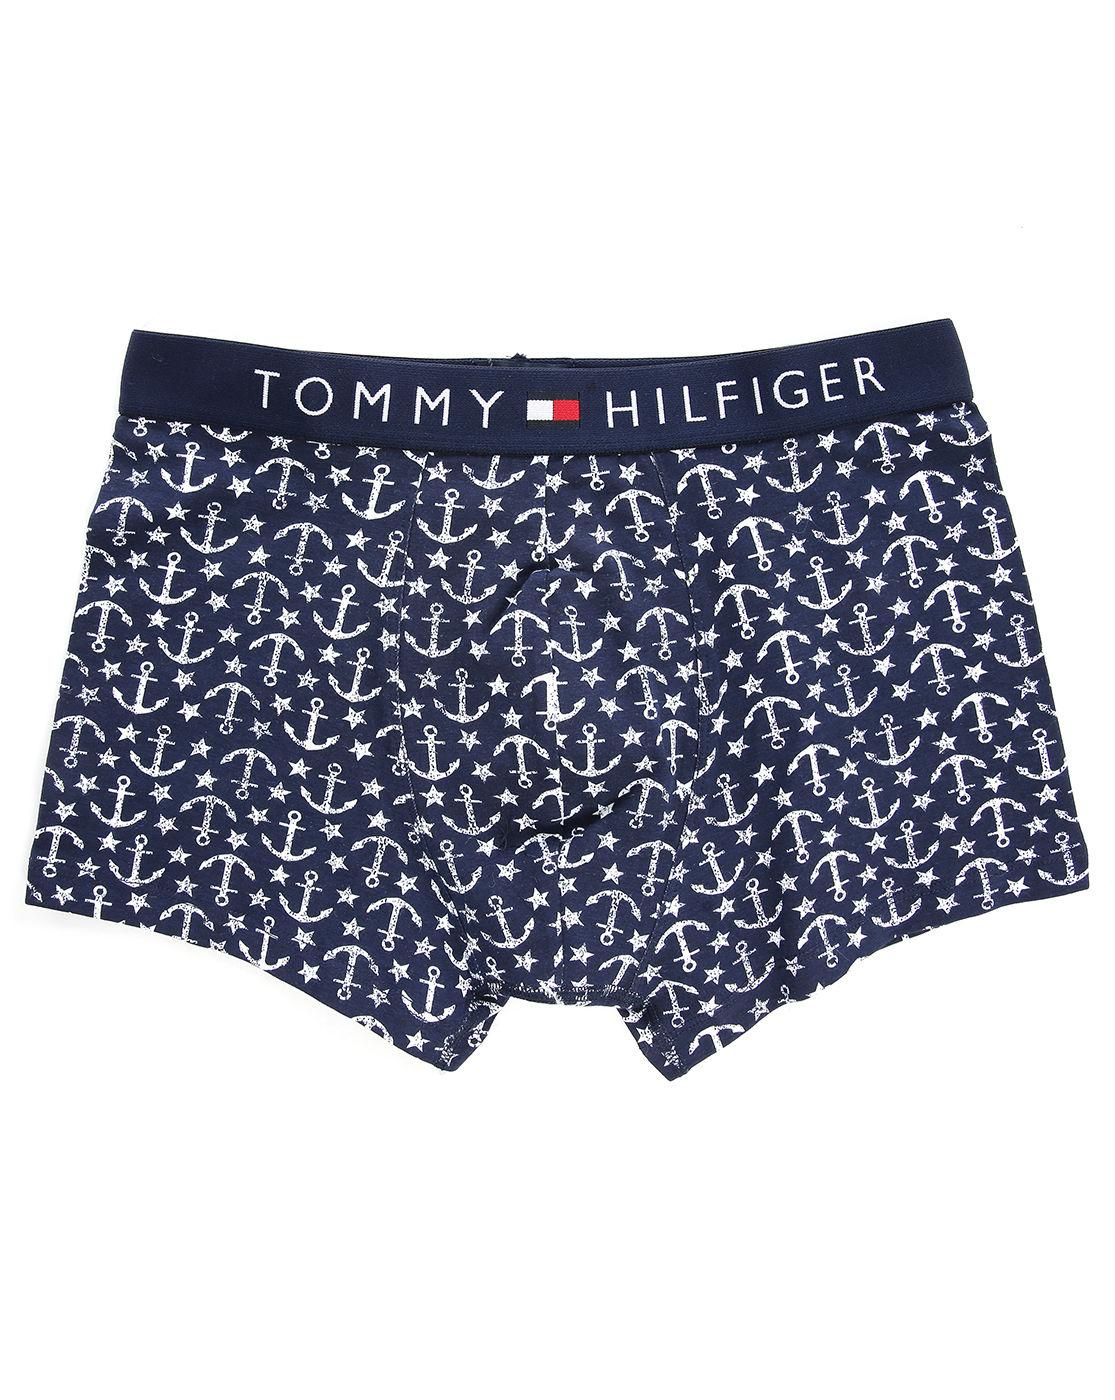 tommy hilfiger navy ink print boxer shorts in blue for men navy lyst. Black Bedroom Furniture Sets. Home Design Ideas